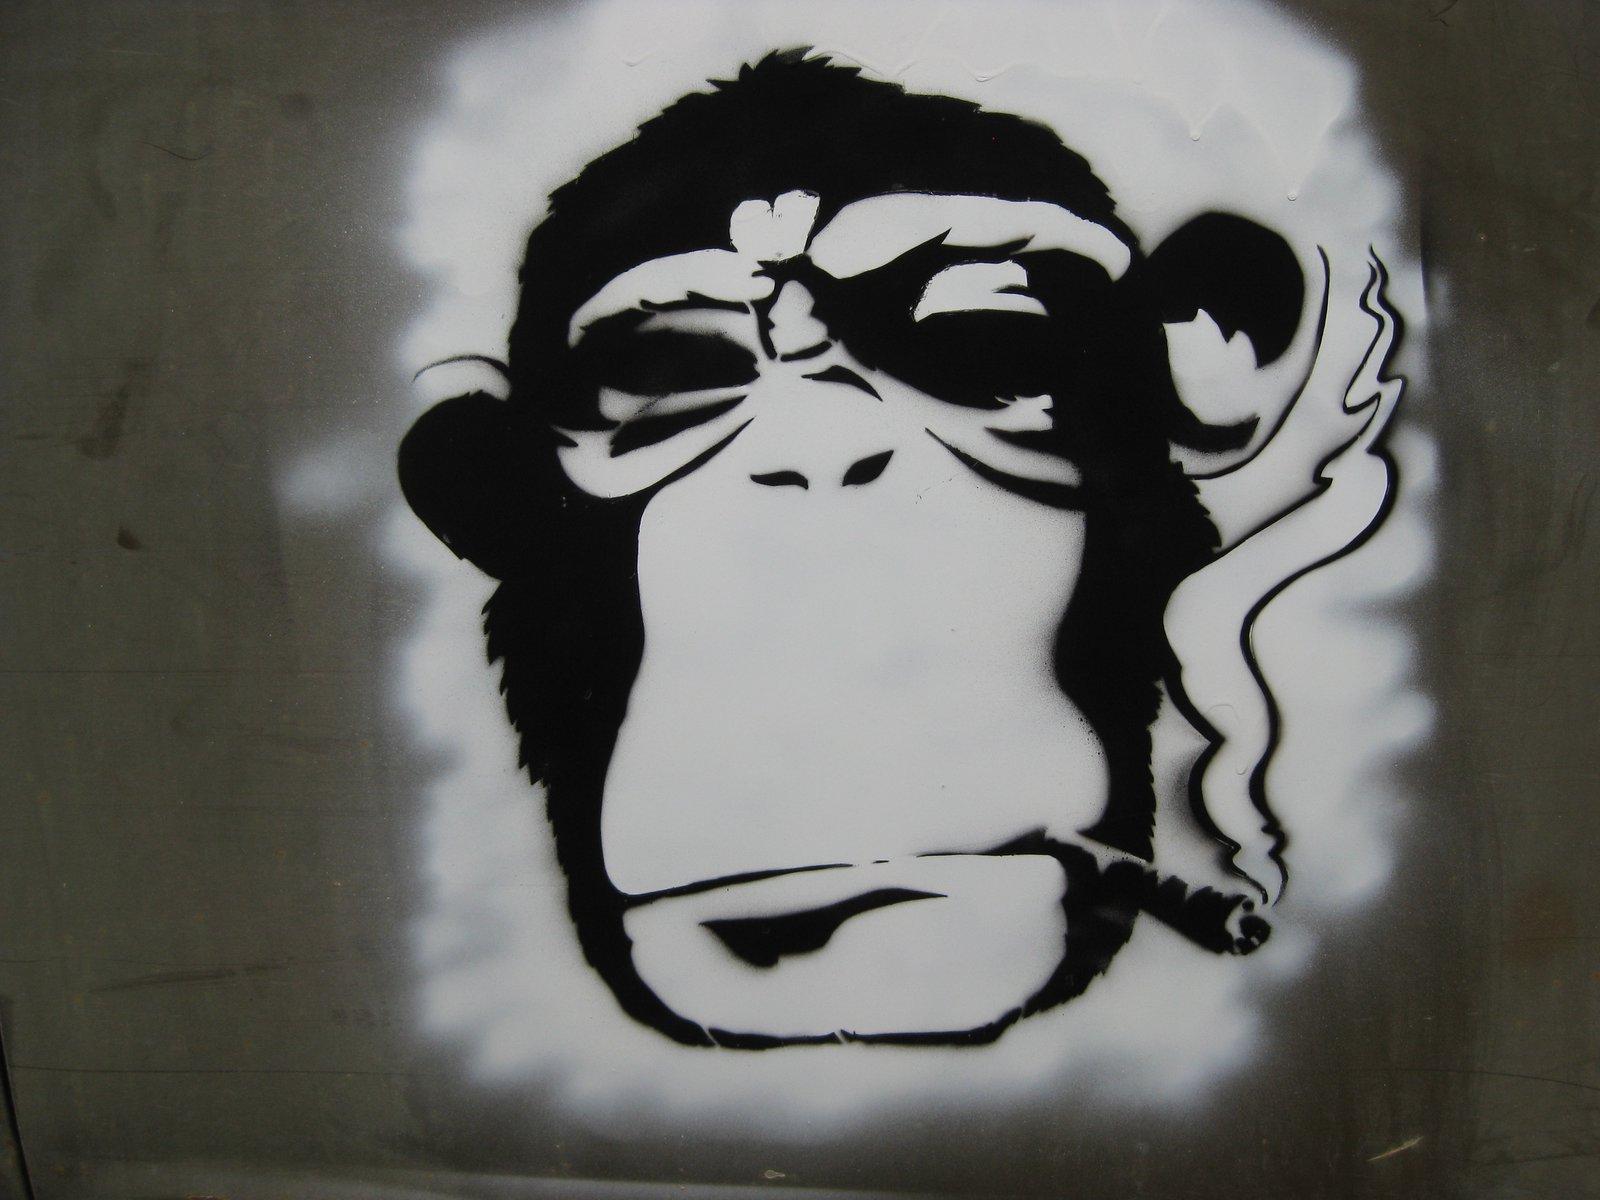 Papa chimp stencil